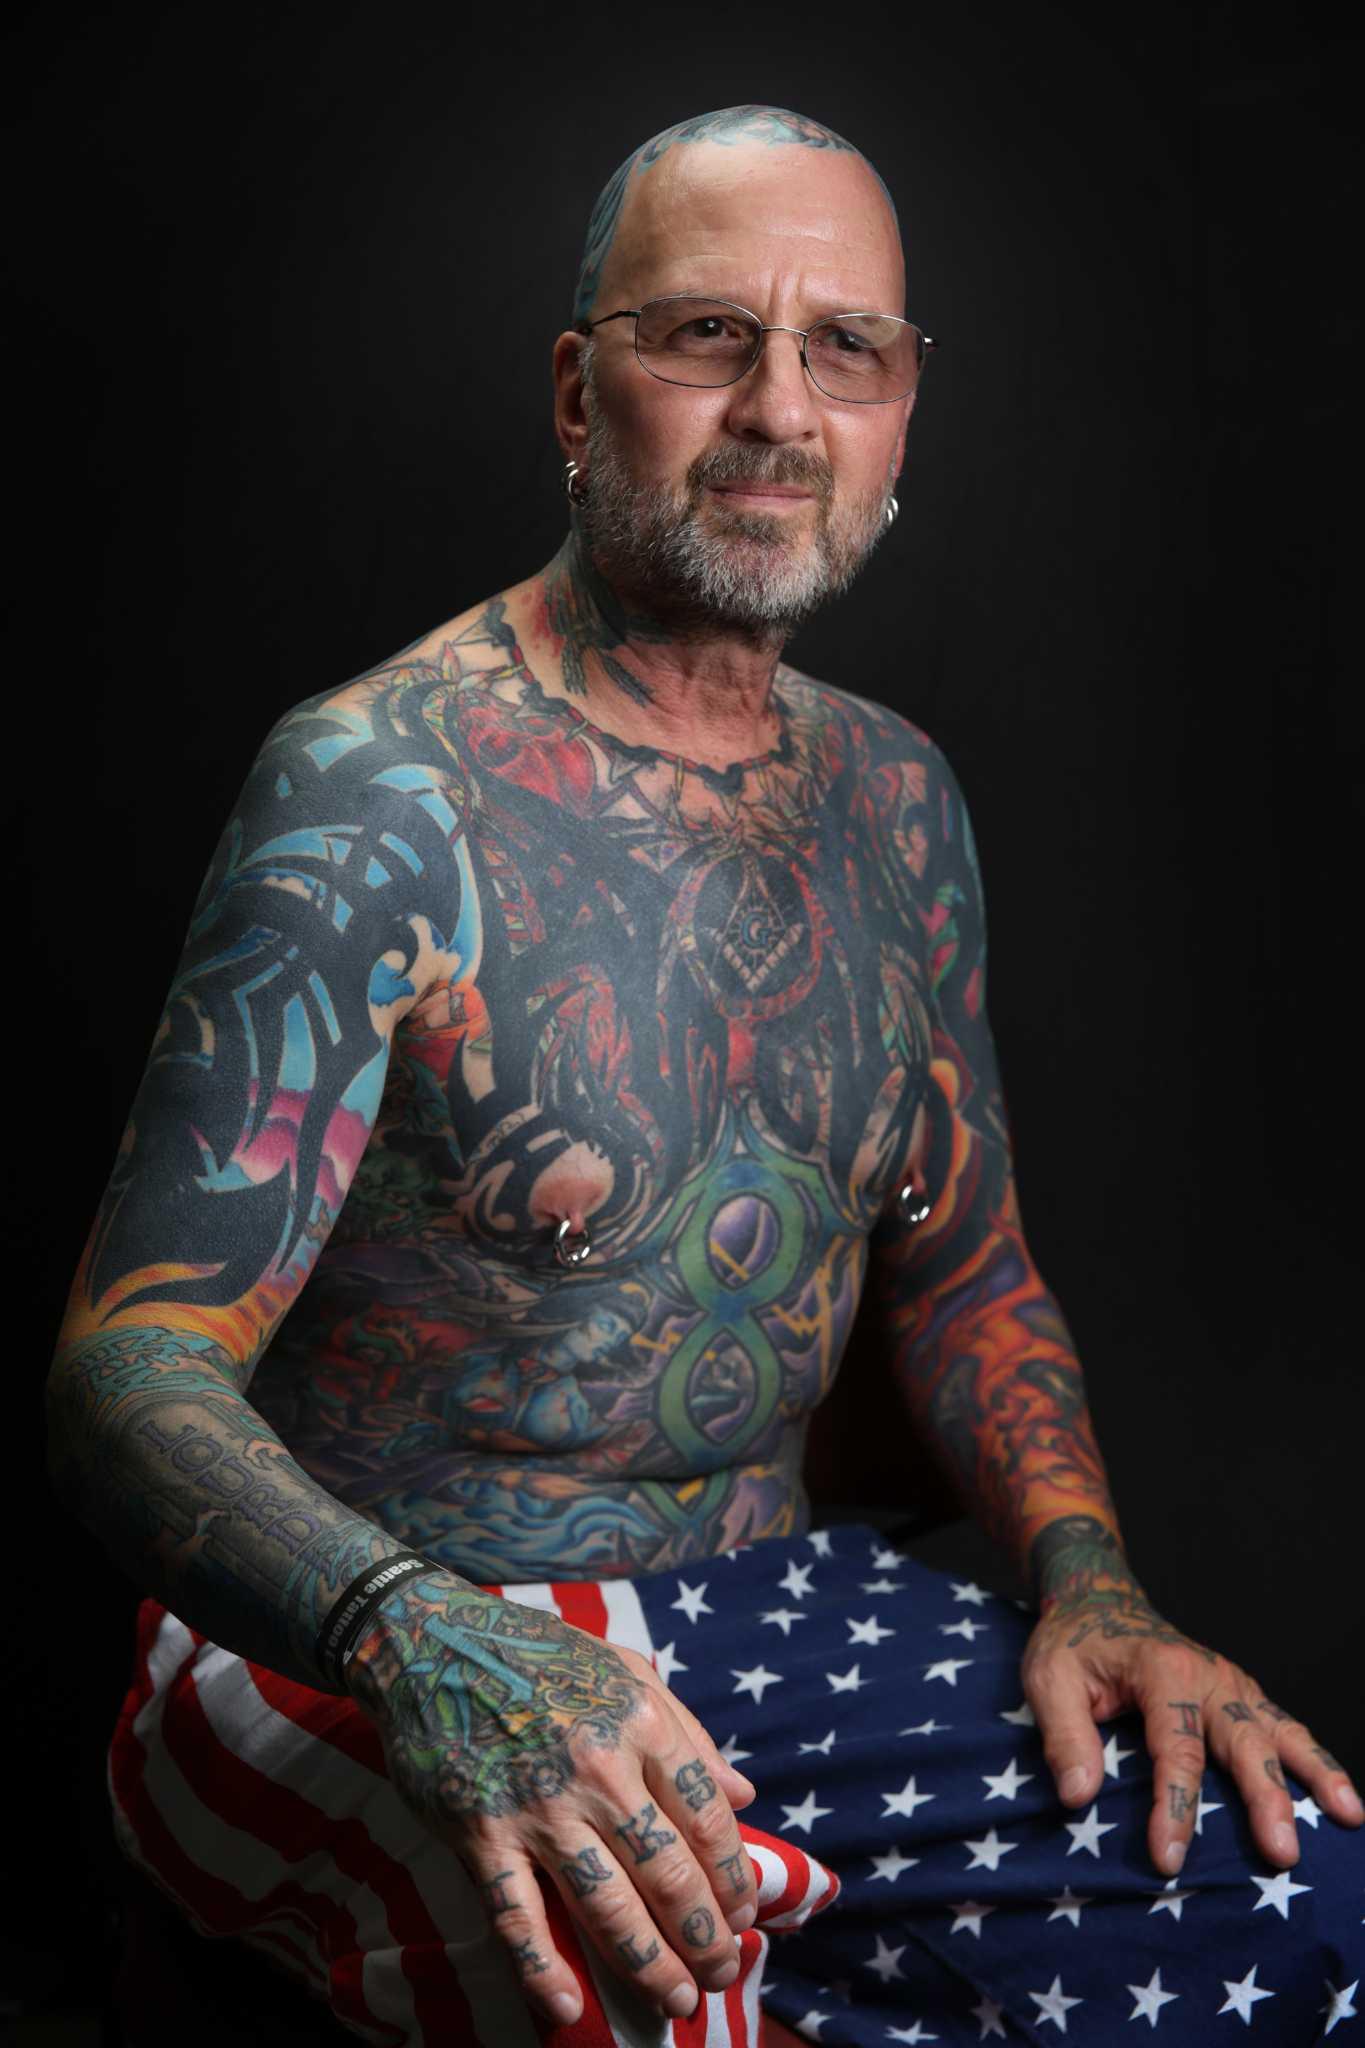 Seattle tattoo expo 2017 houston chronicle for Houston tattoo expo